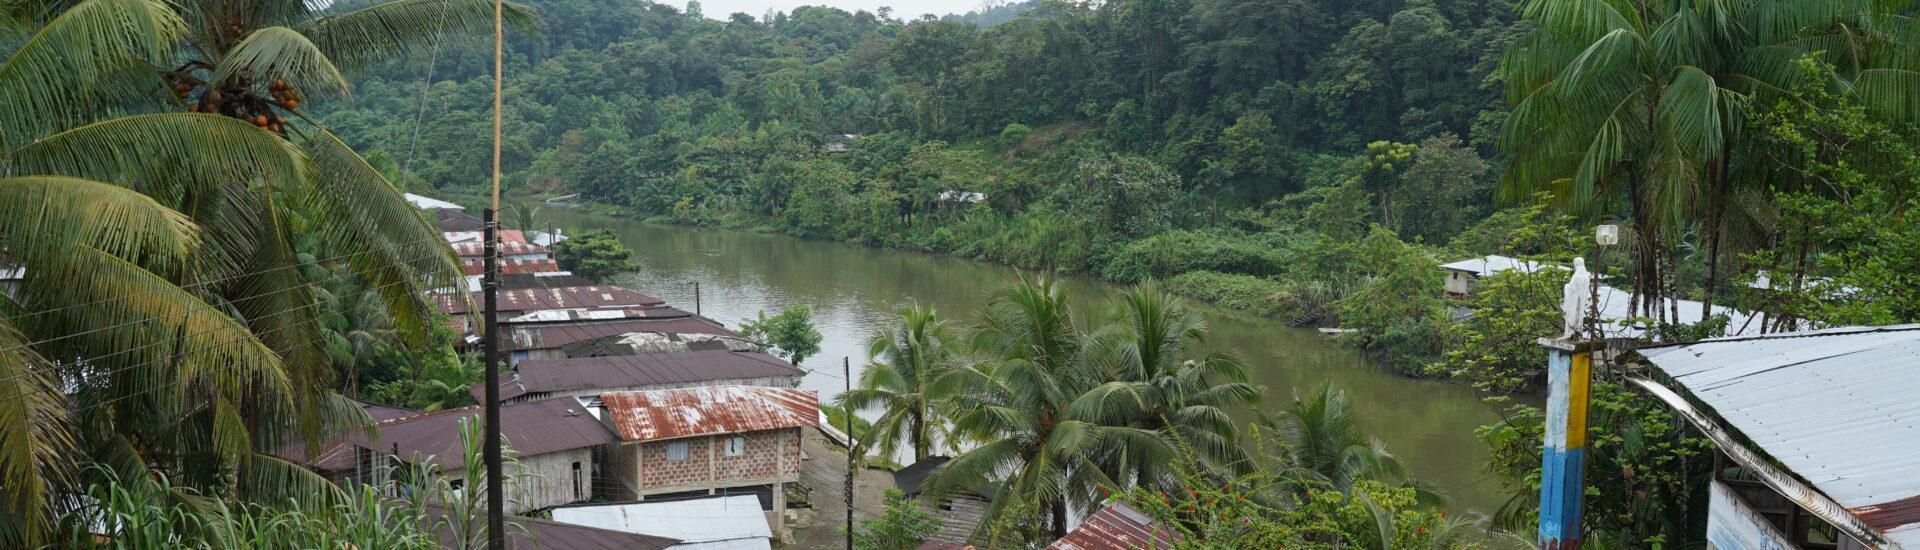 Ruta de autoprotección colectiva del consejo comunitario Guajuí, Guapi